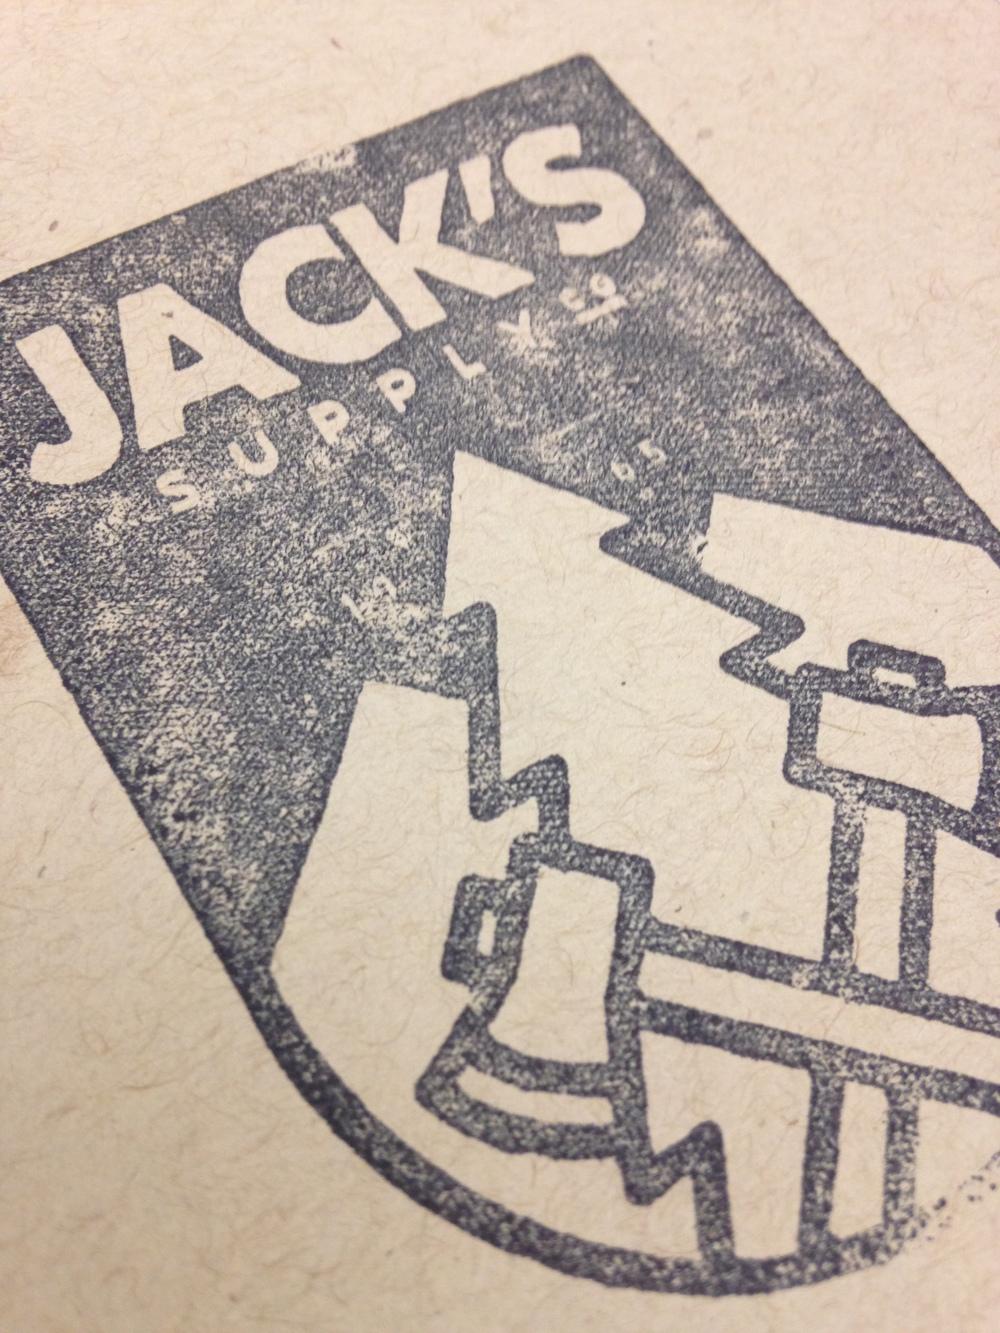 jcks_stamp.png